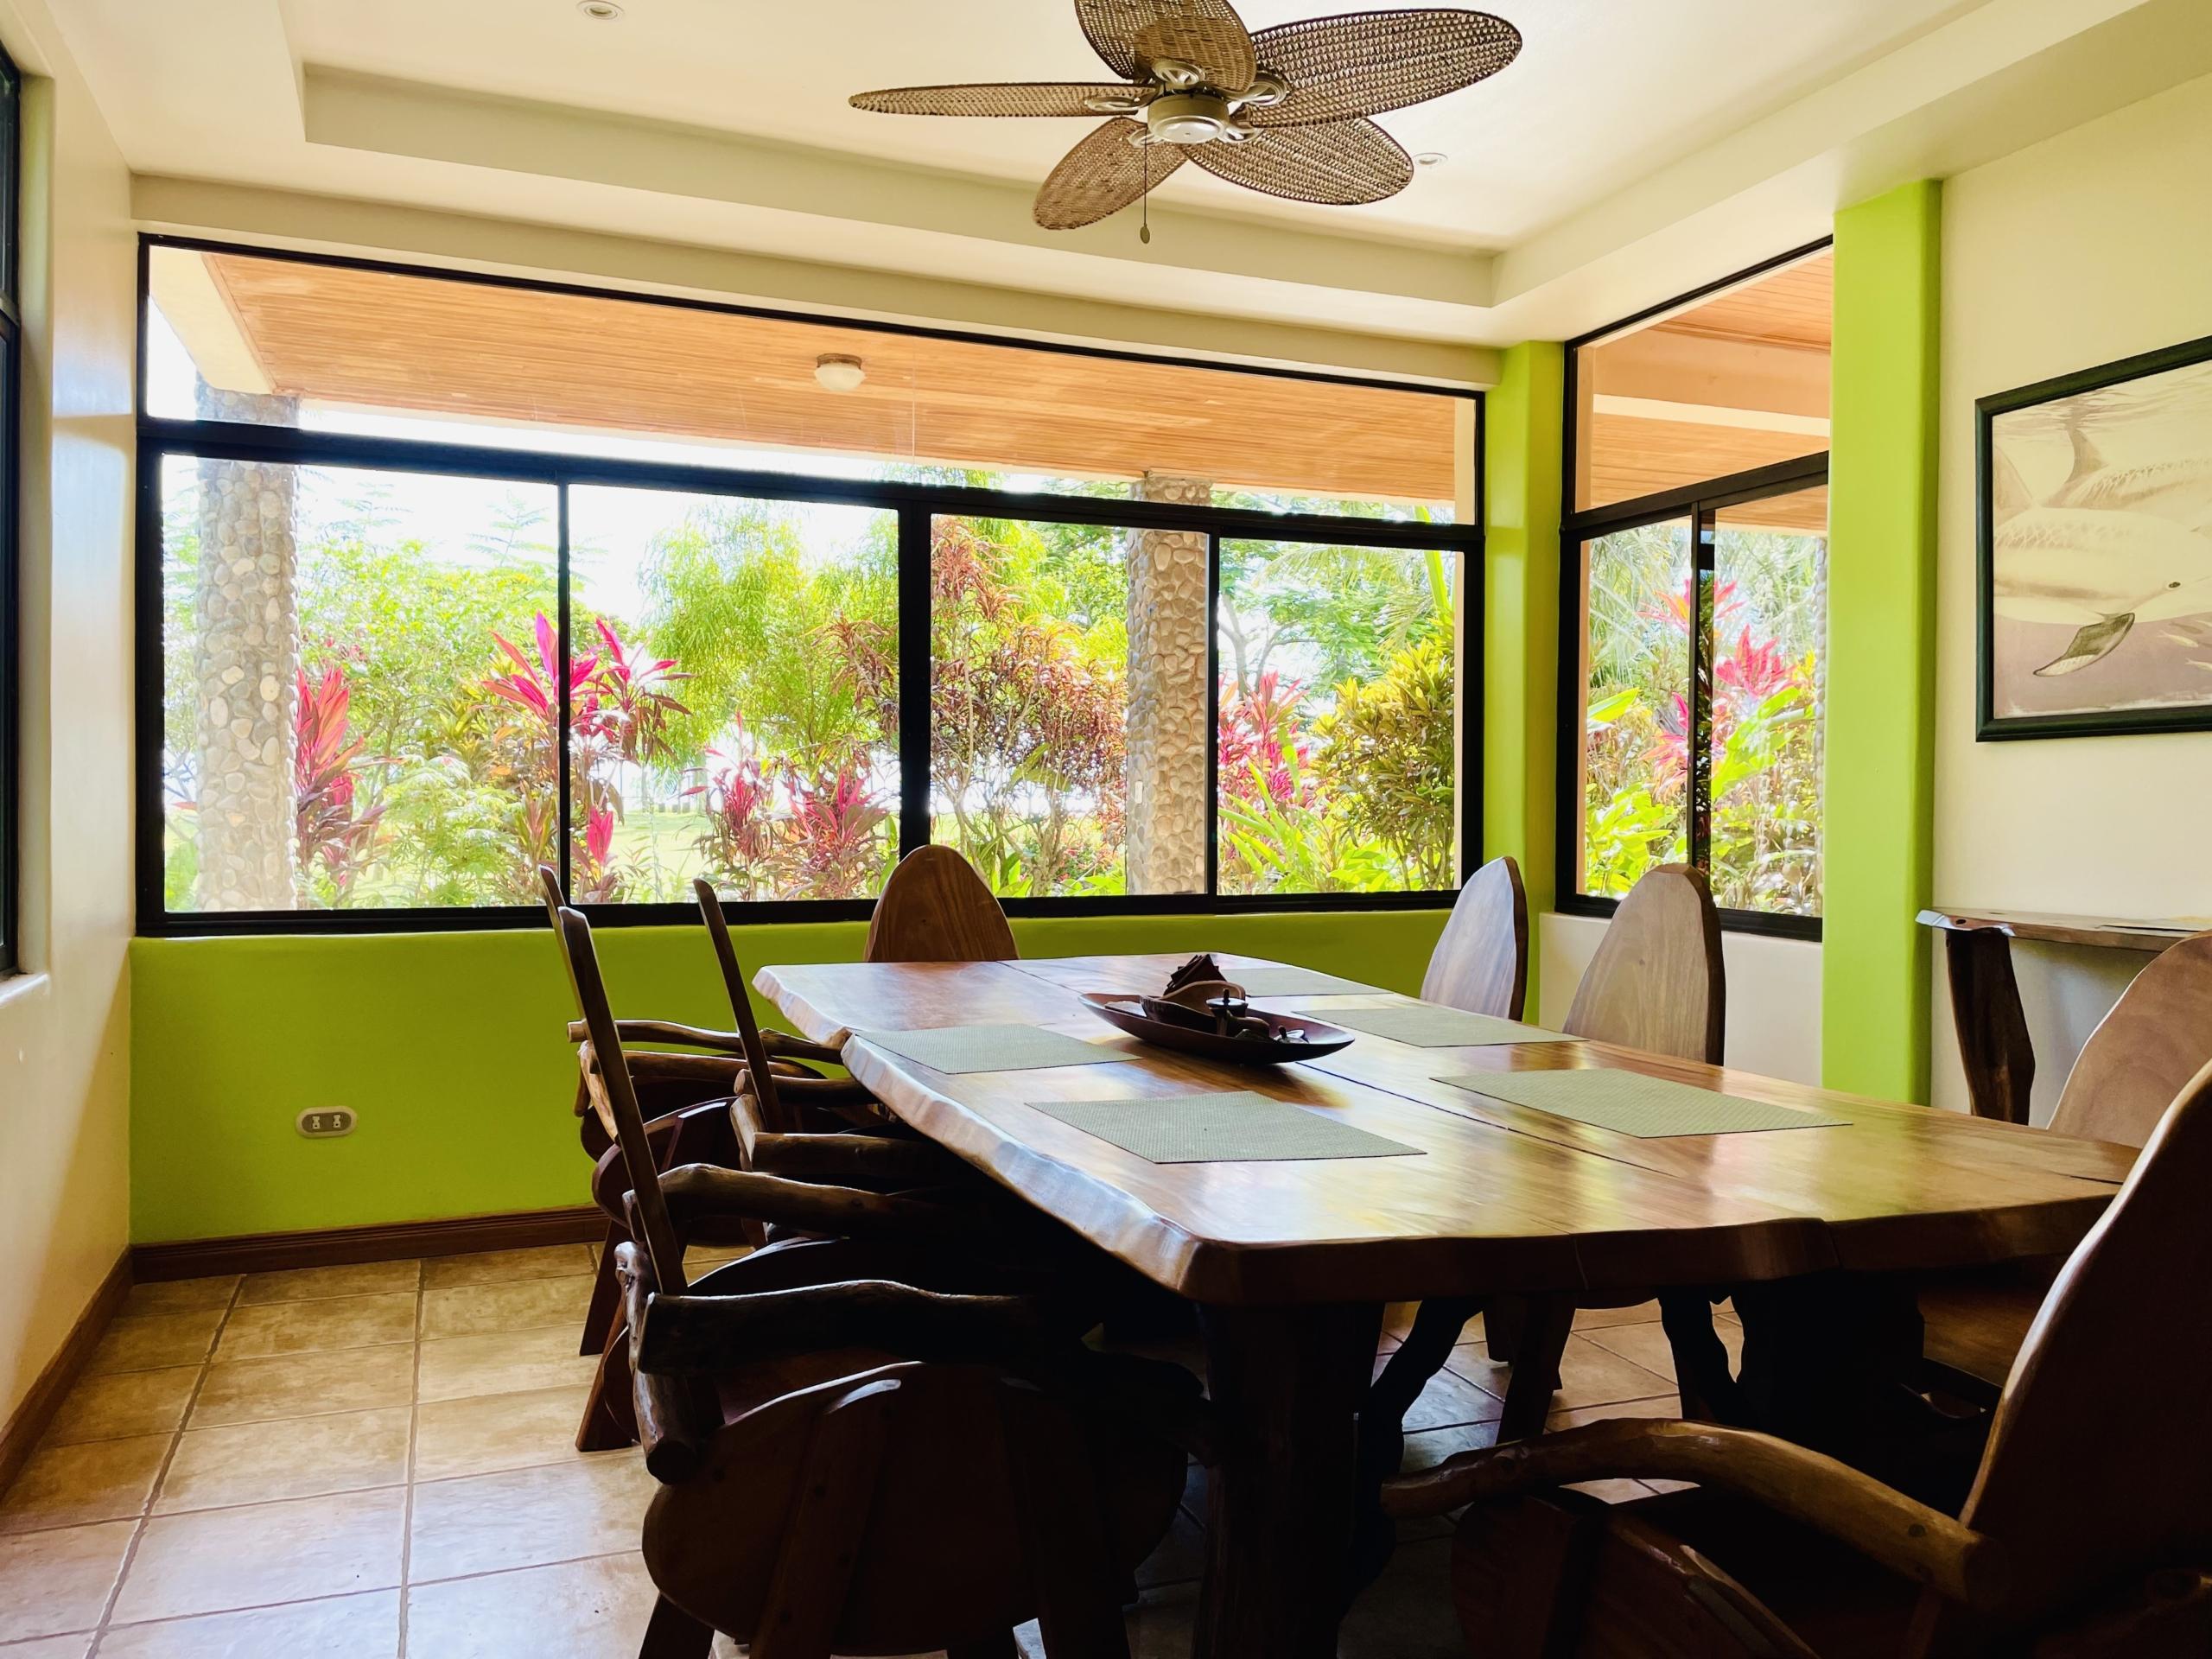 boca-barranca-costa-rica-villa-dining-room